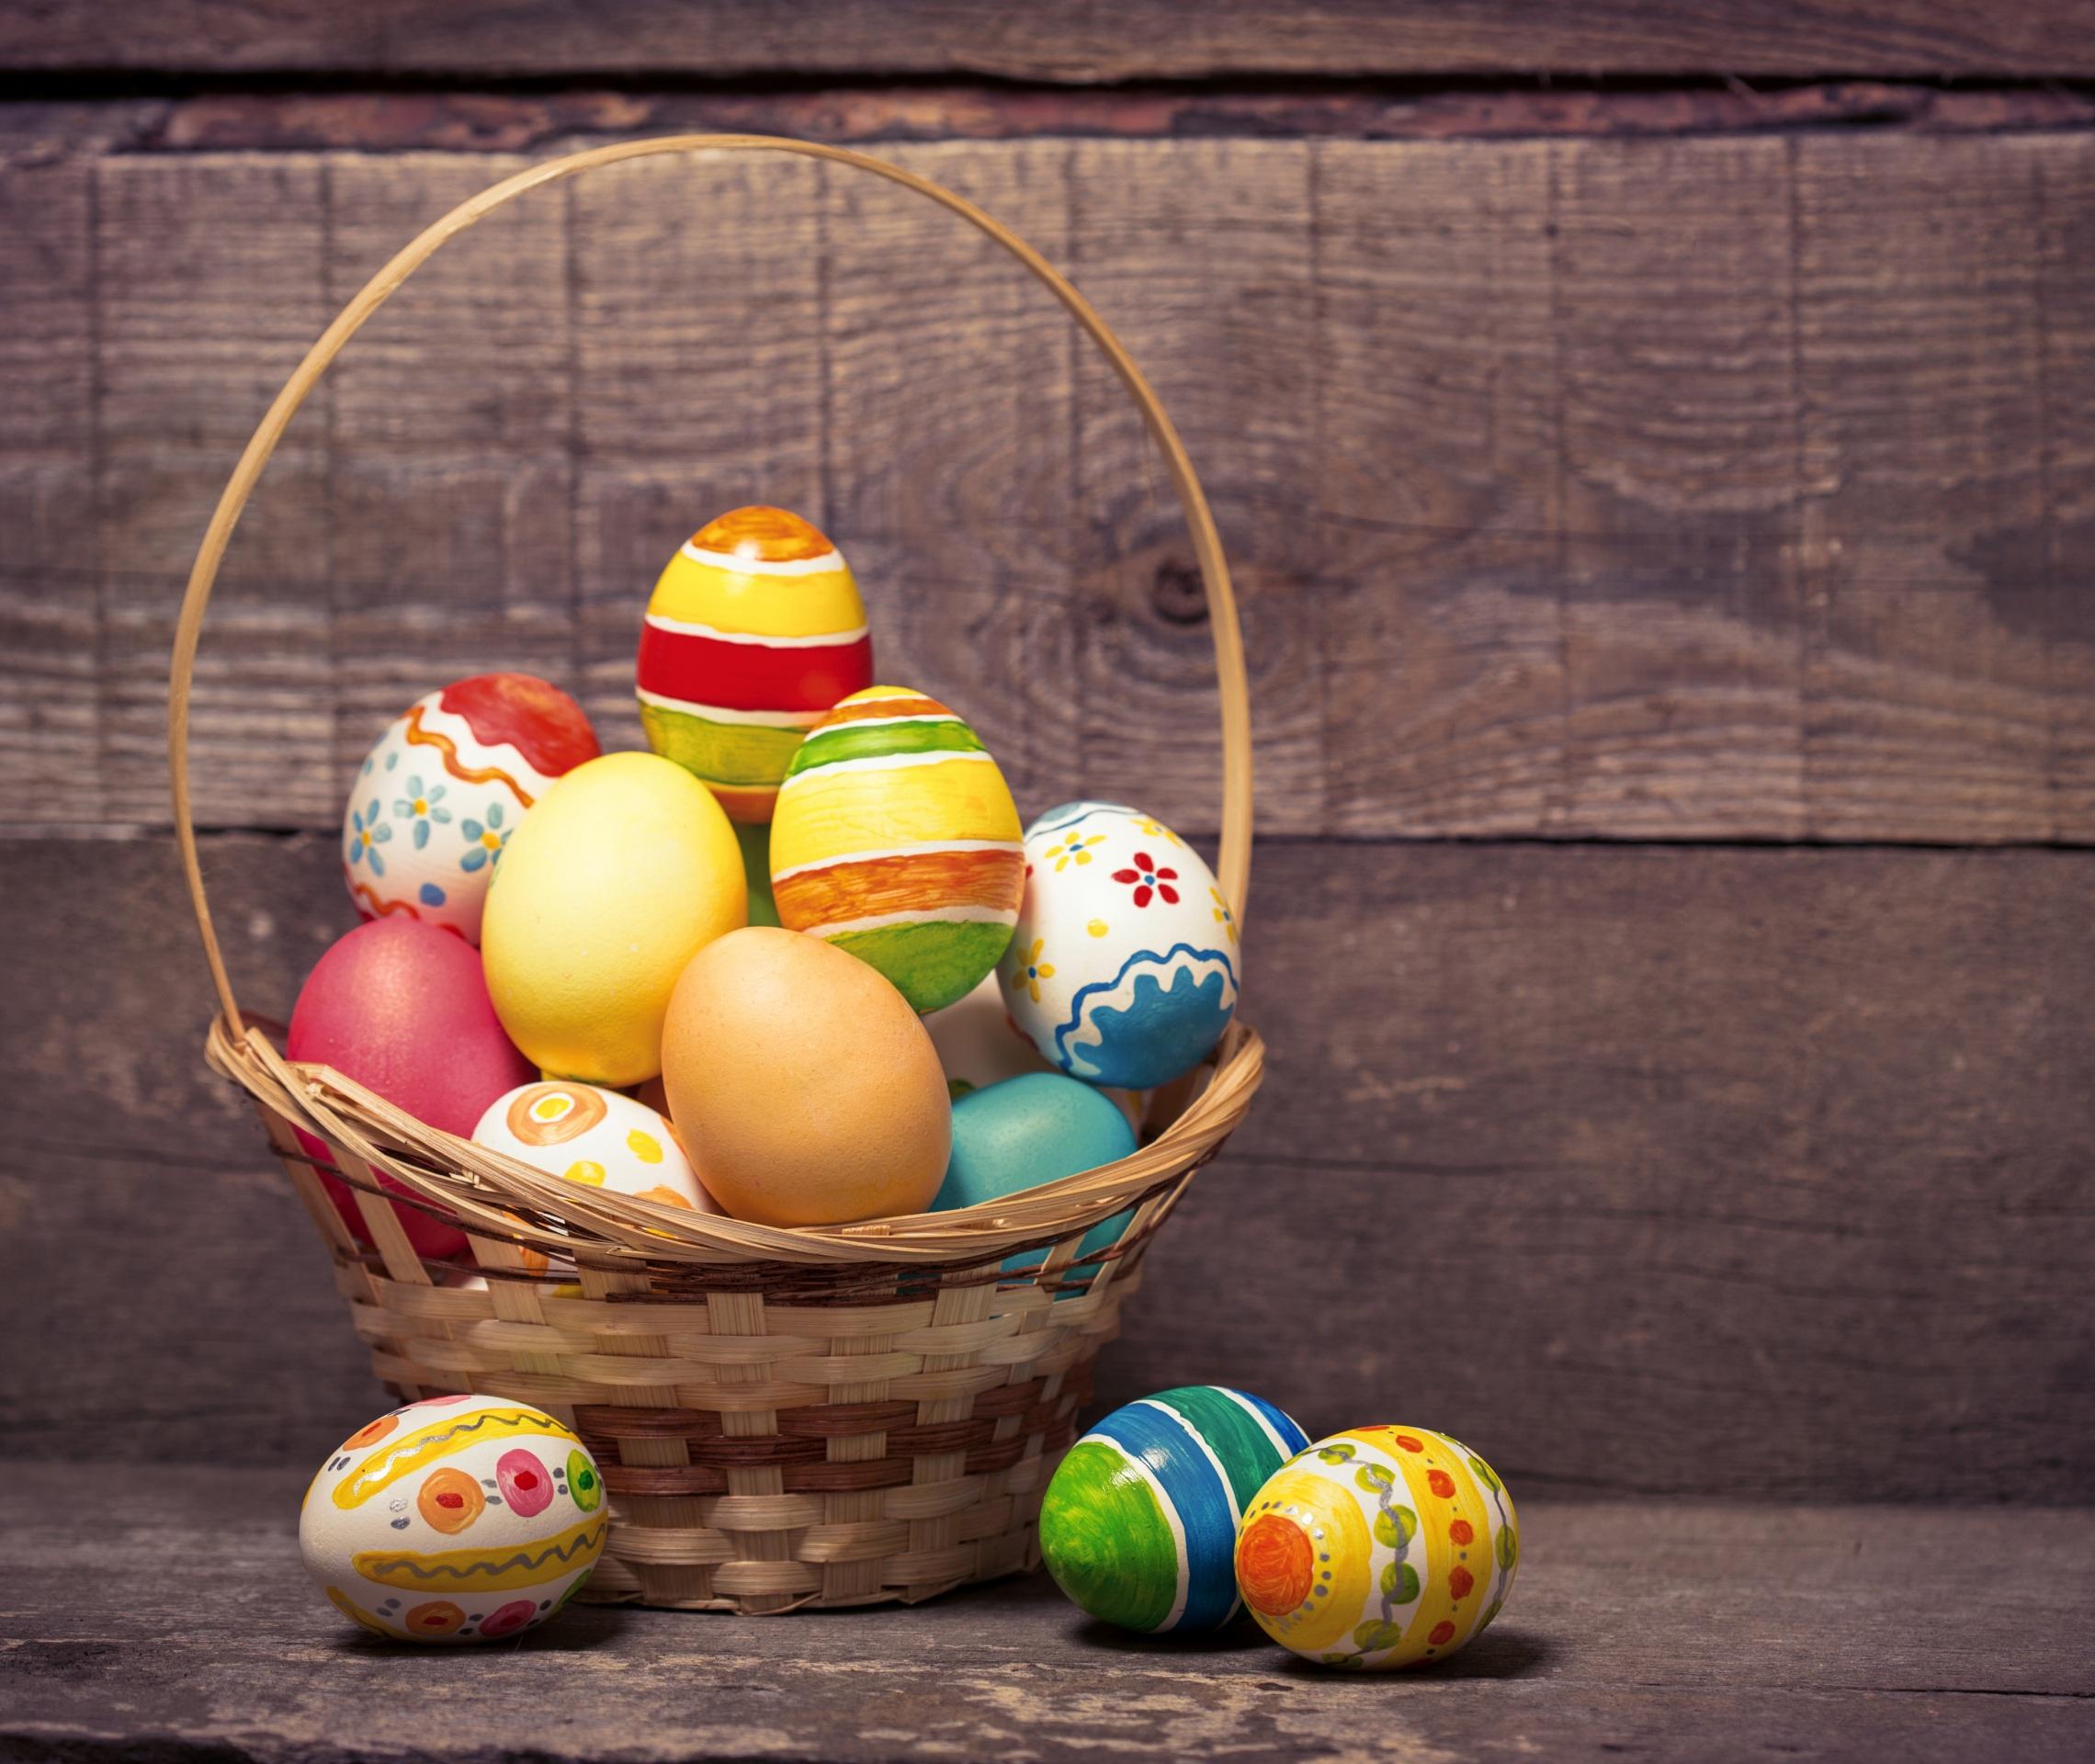 пасха яйца корзина  № 3922948 бесплатно